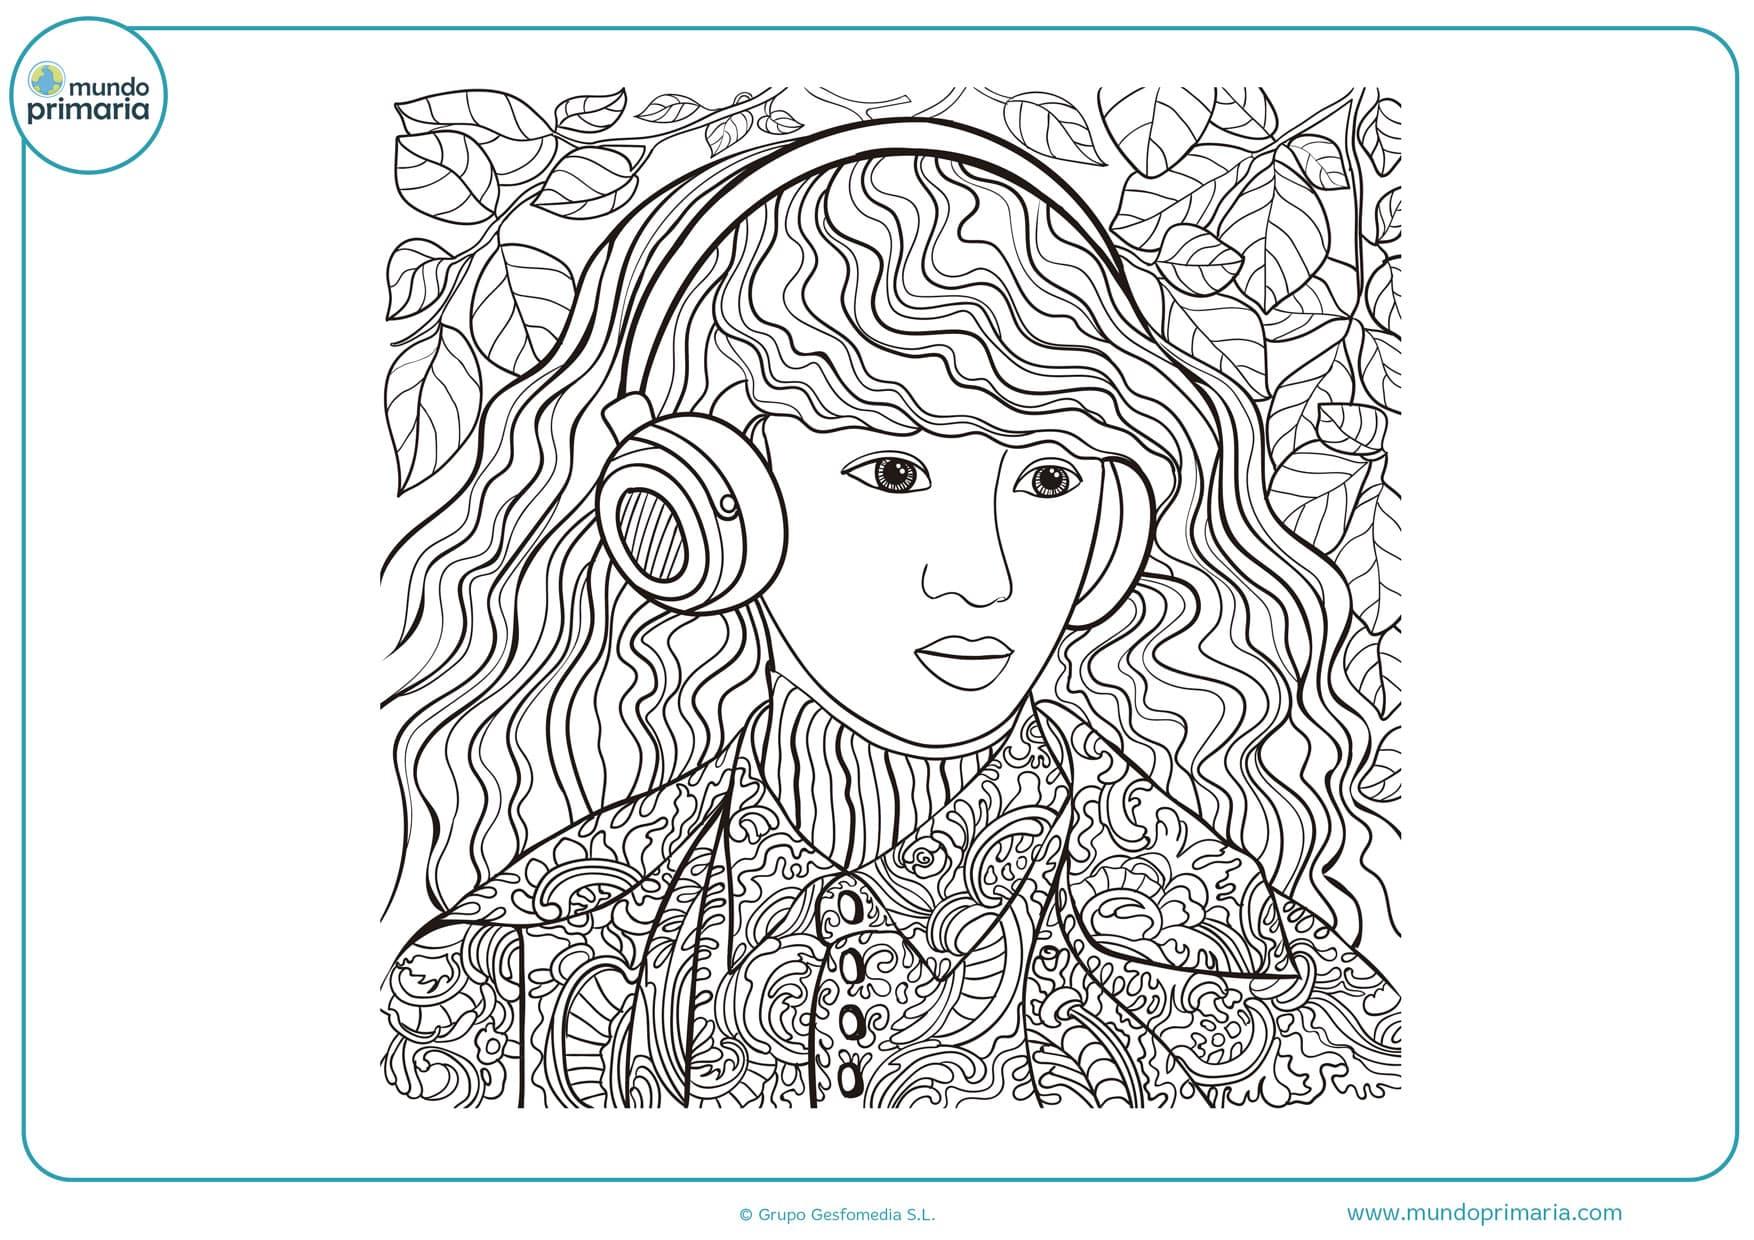 Dibujos De Personas Para Colorear Faciles De Imprimir